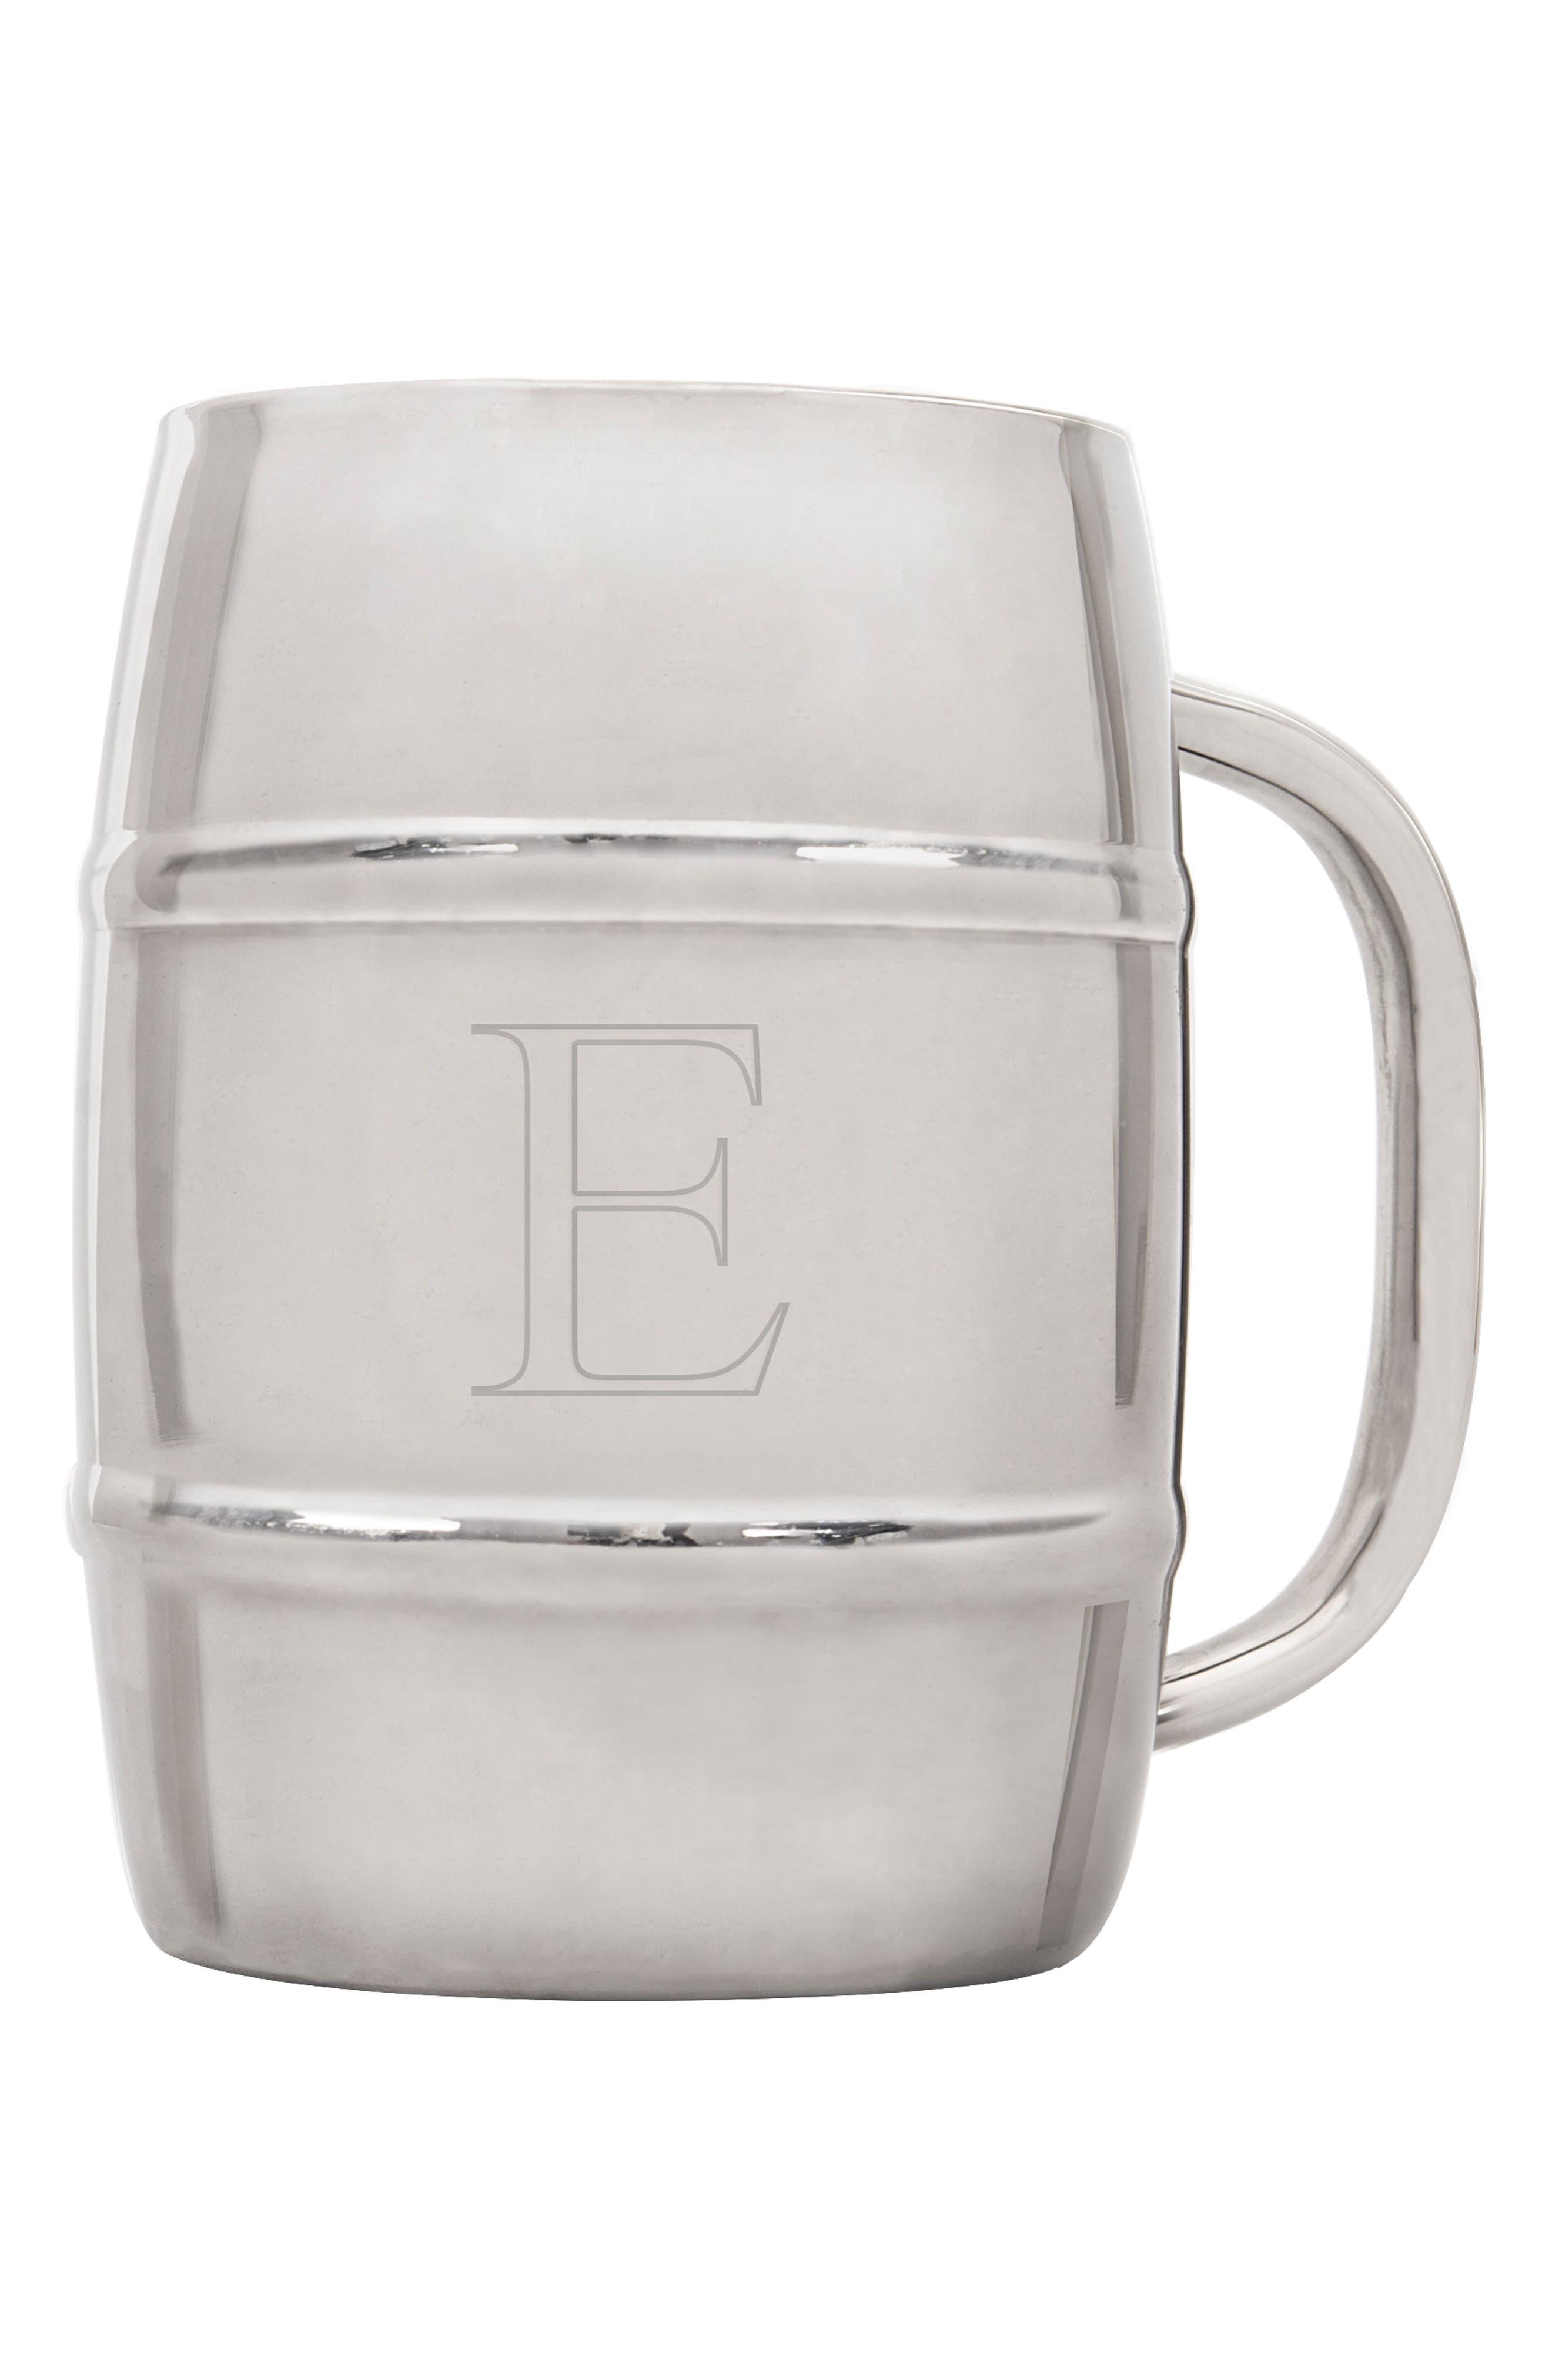 'XL Beer Keg' Monogram Mug,                         Main,                         color, Silver - E